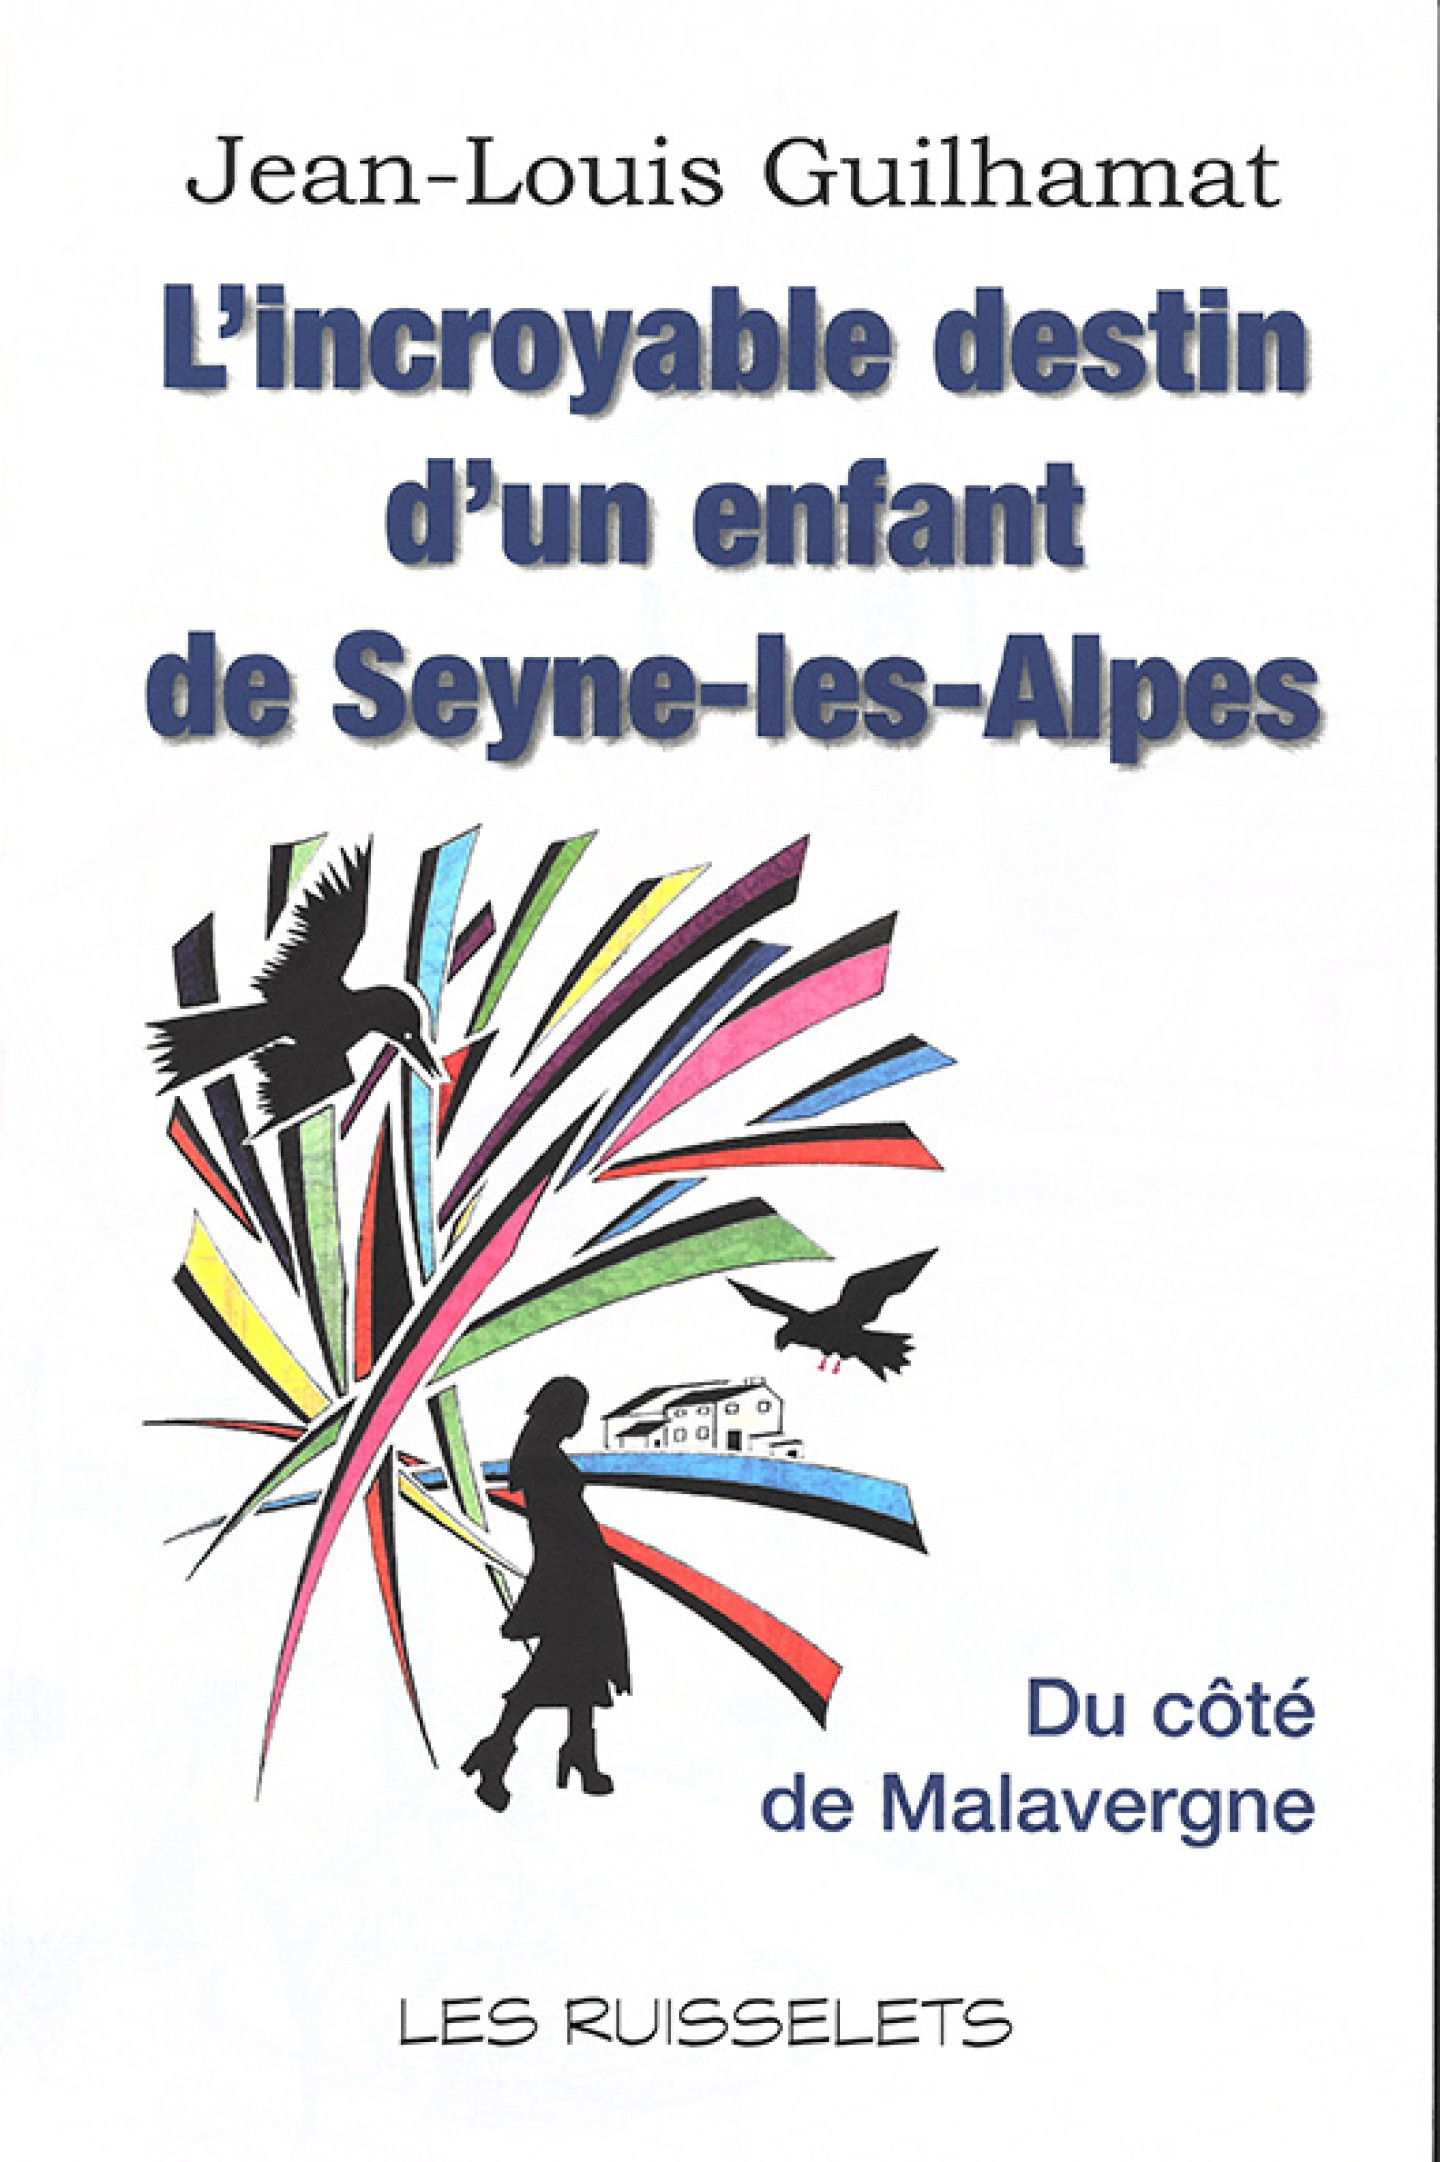 L'incroyable destin d'un enfant de Seyne-les-Alpes de Jean-Louis Guilhamat